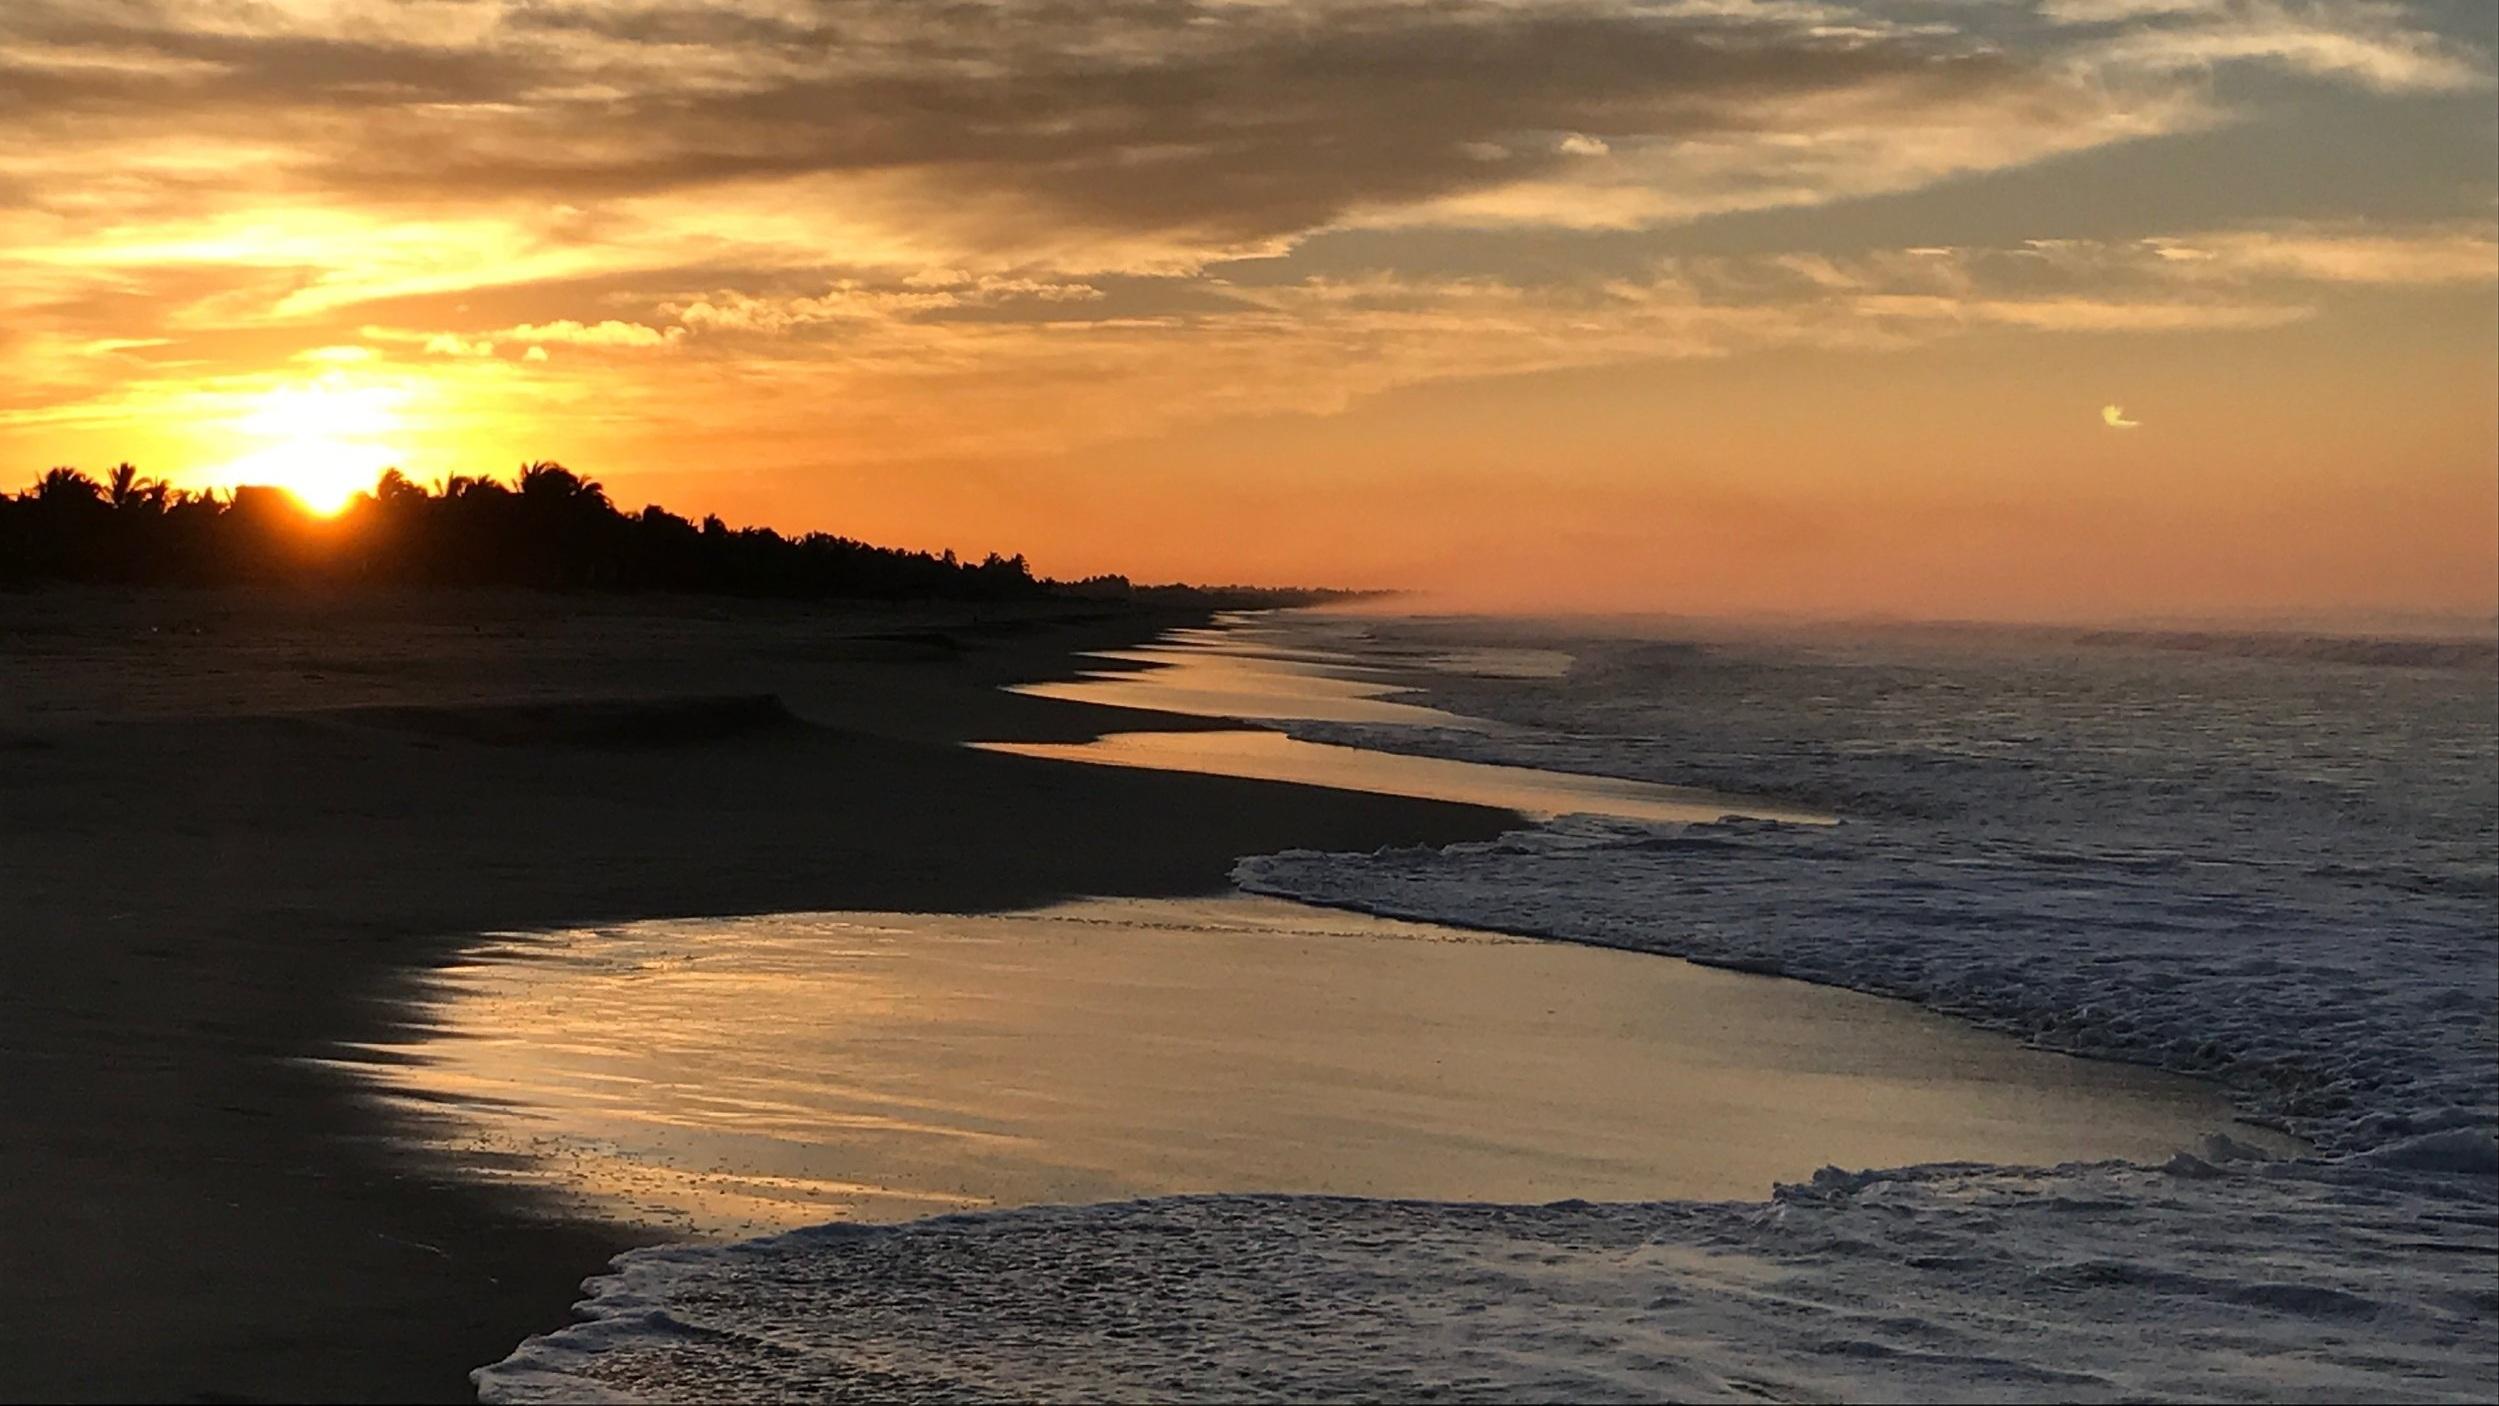 INCREÌBLES AMANECERES   Si esta madrugador, los amaneceres estan espectaculares